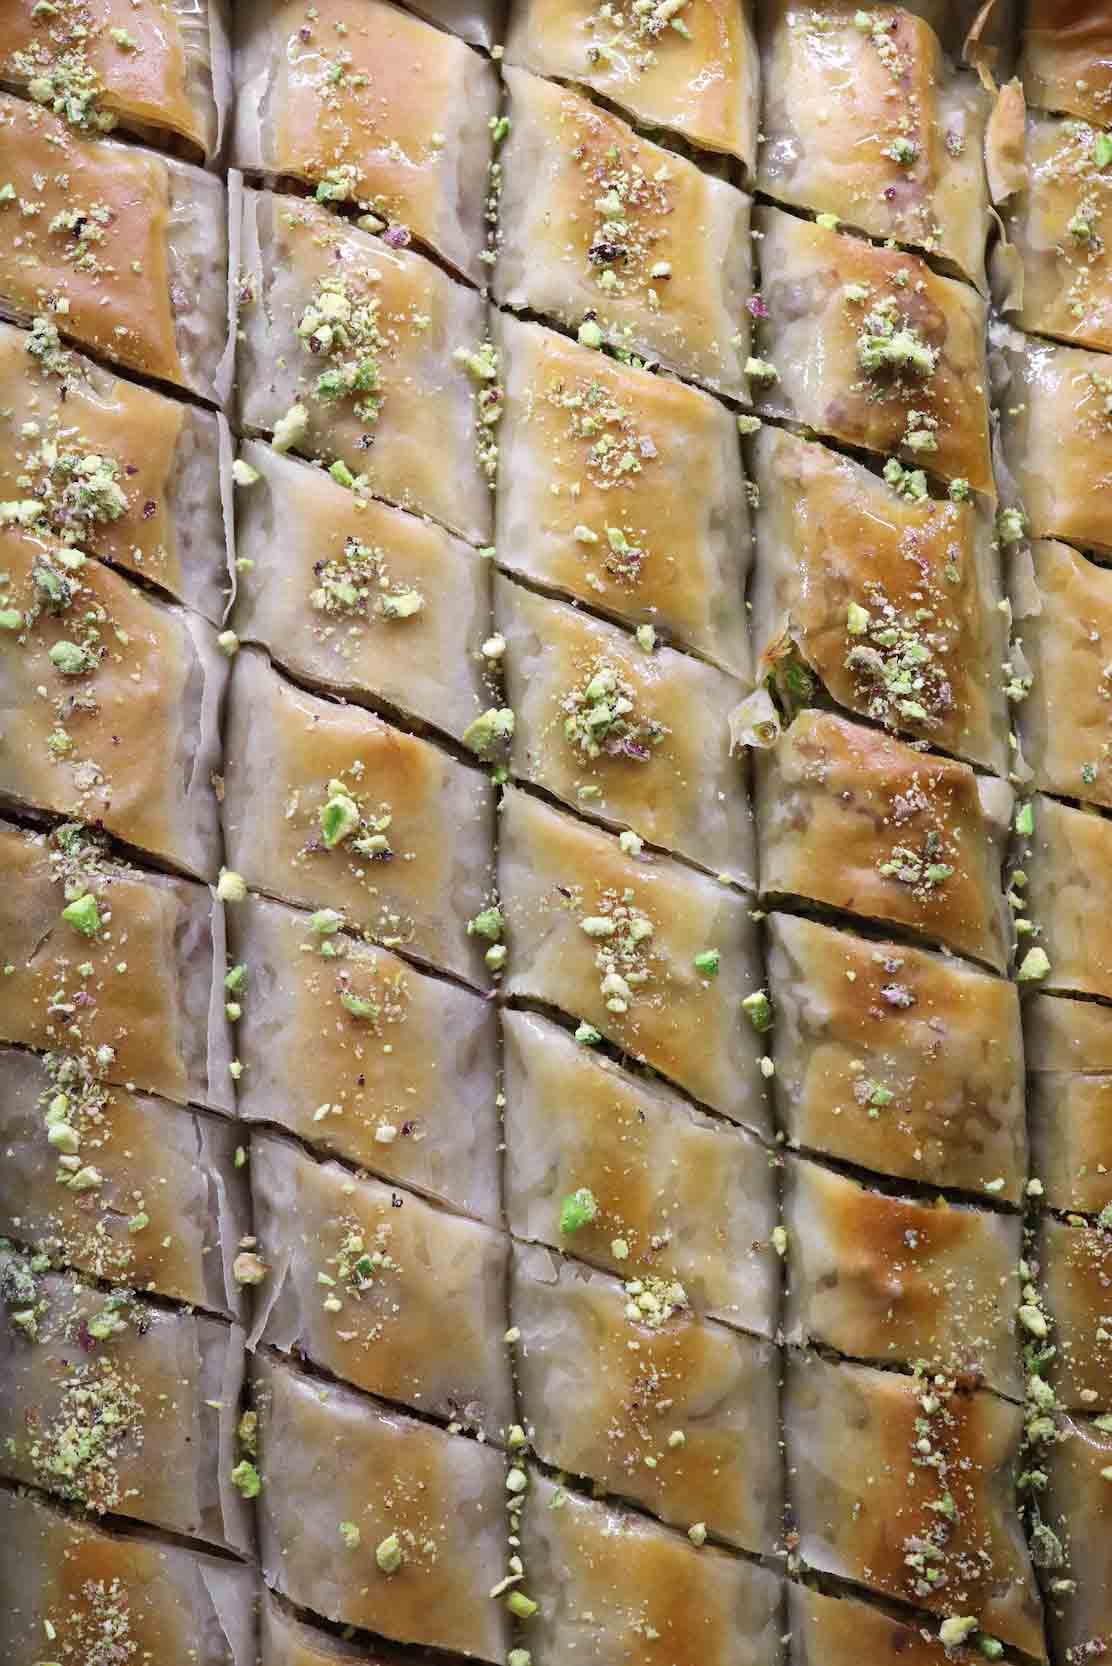 sheet pan of baked baklava rolls